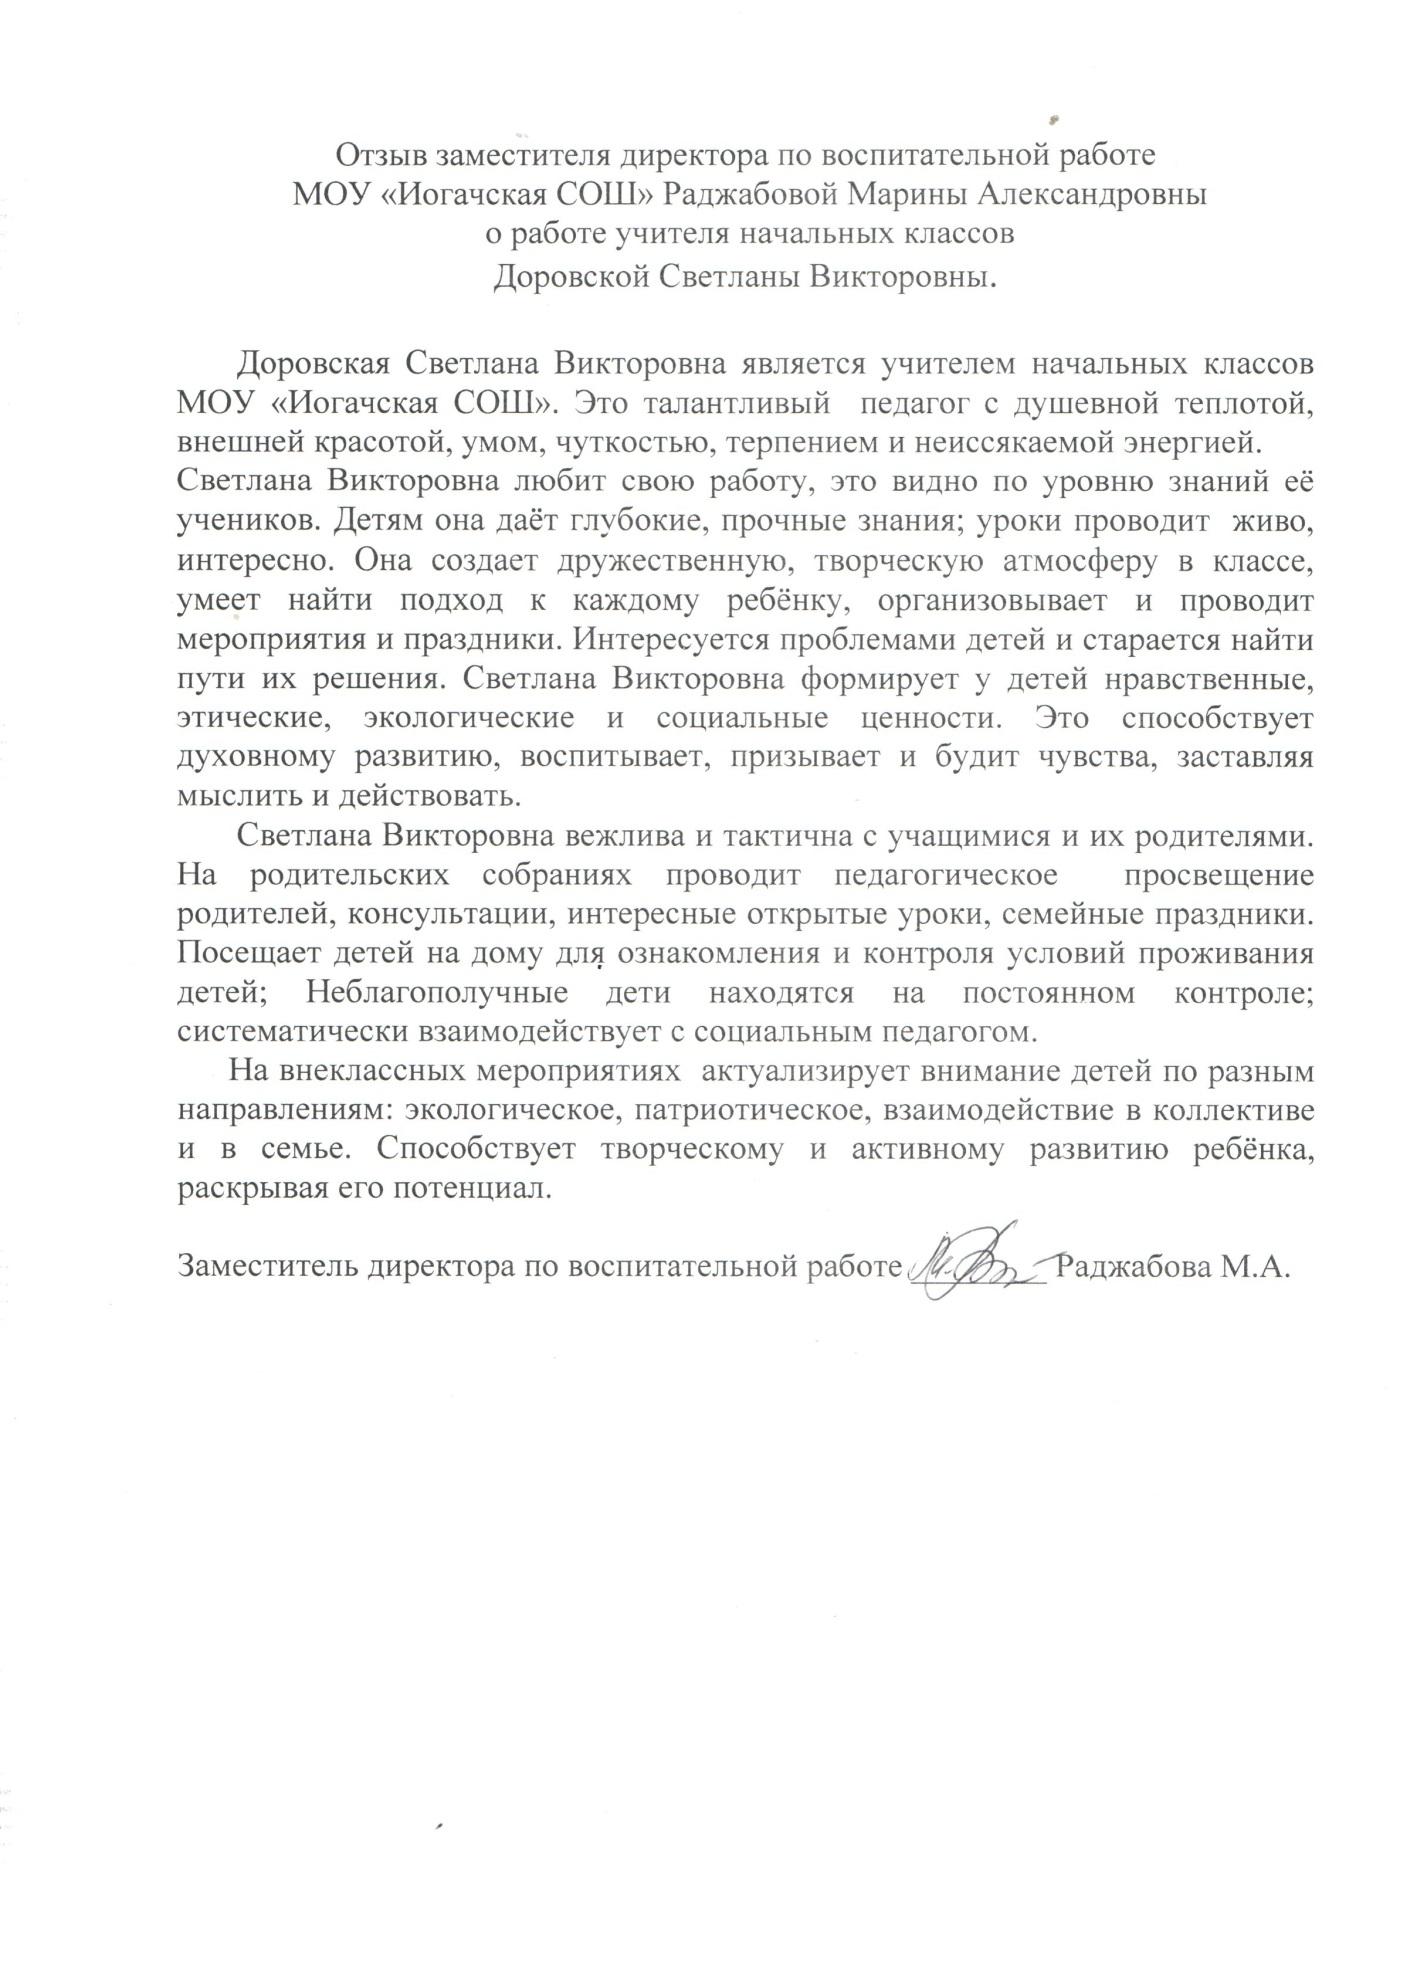 E:\Доровская\scan 3.jpg